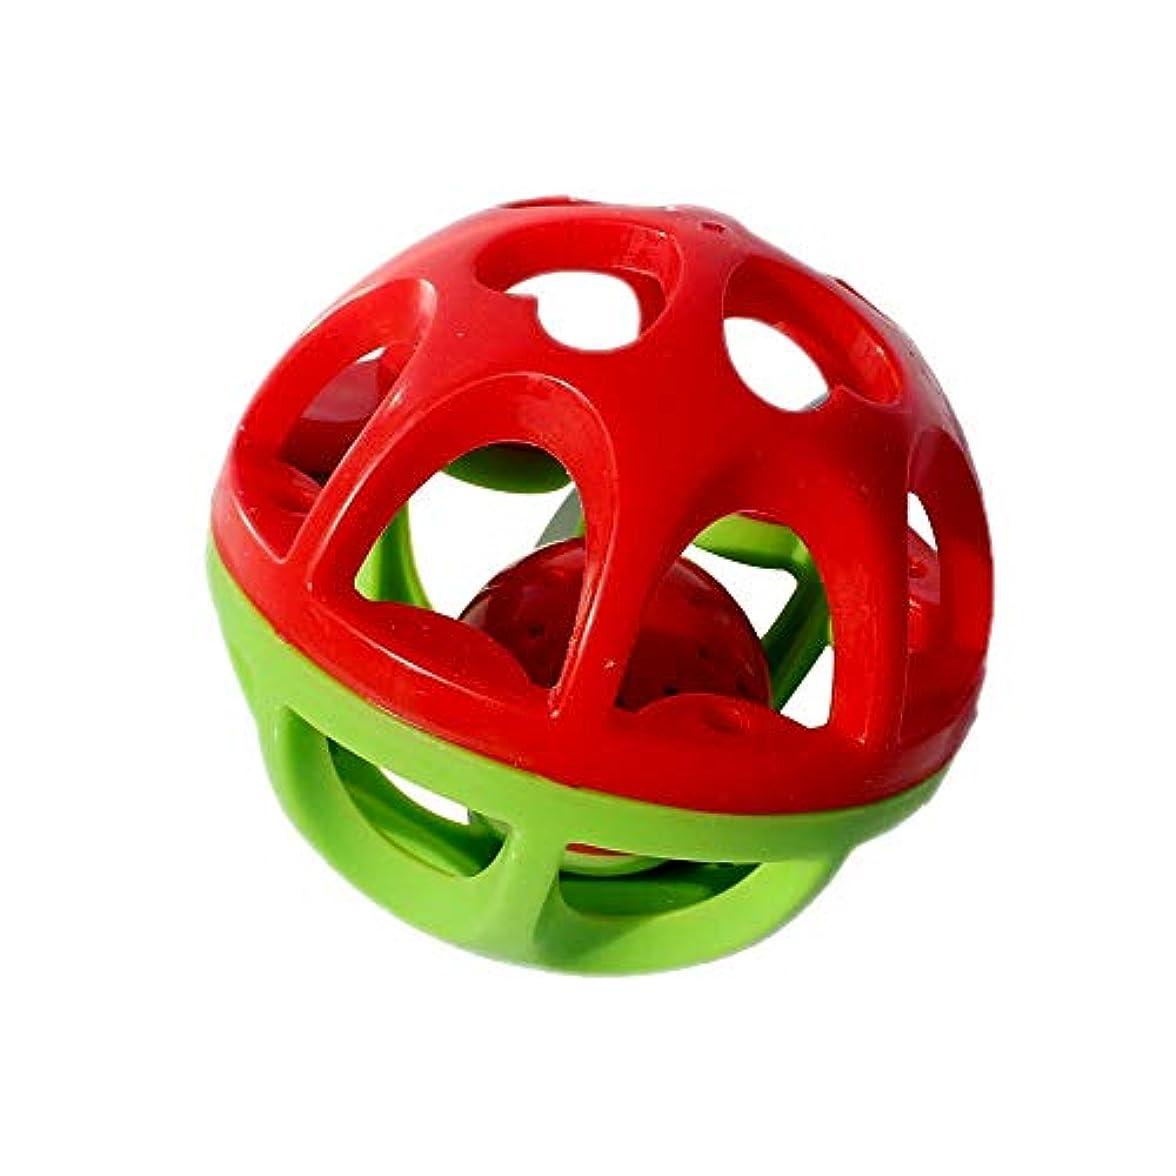 なしで雰囲気バイオリン知恵おもちゃ テクスチャマルチボールベビーハンドラトルボール幼児教材パズルソフトボール赤ちゃんのおもちゃのタッチボールのおもちゃ 新生児 ベビー 子供 こども (Color : Red, Size : One size)